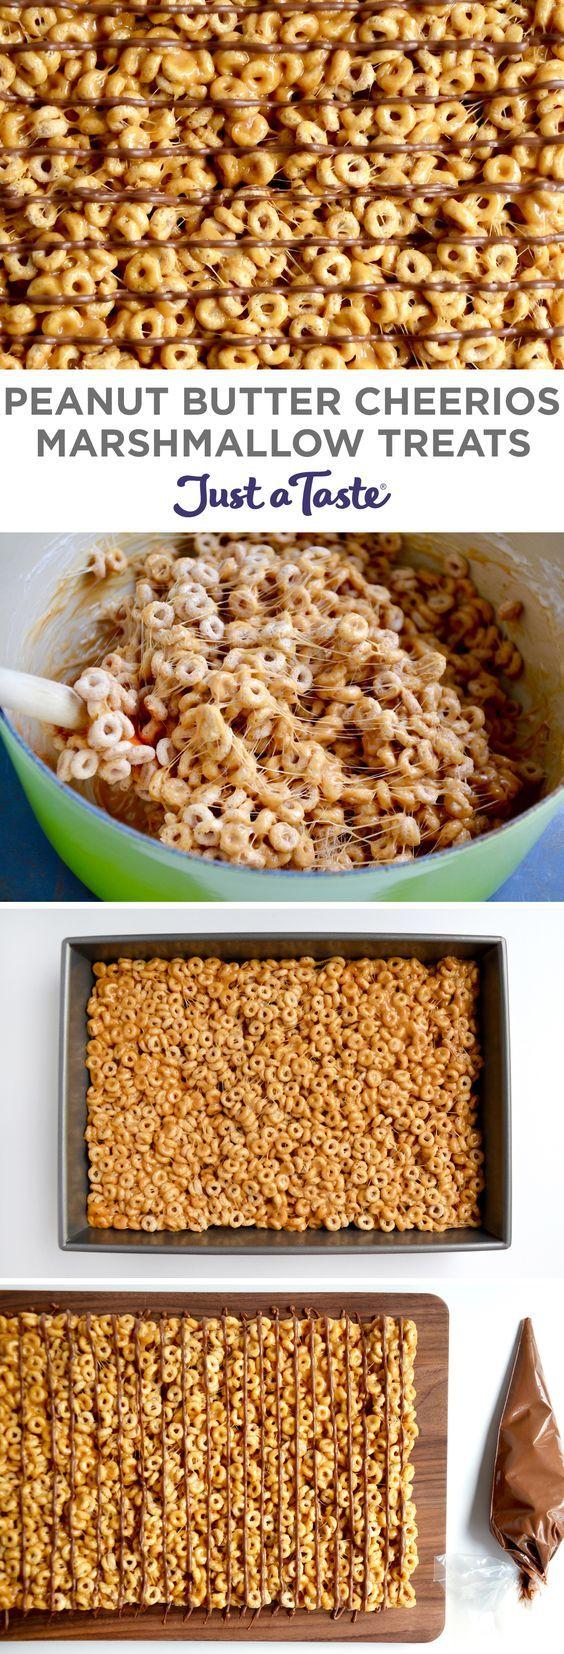 Peanut Butter Cheerios Marshmallow Treats | Just a Taste